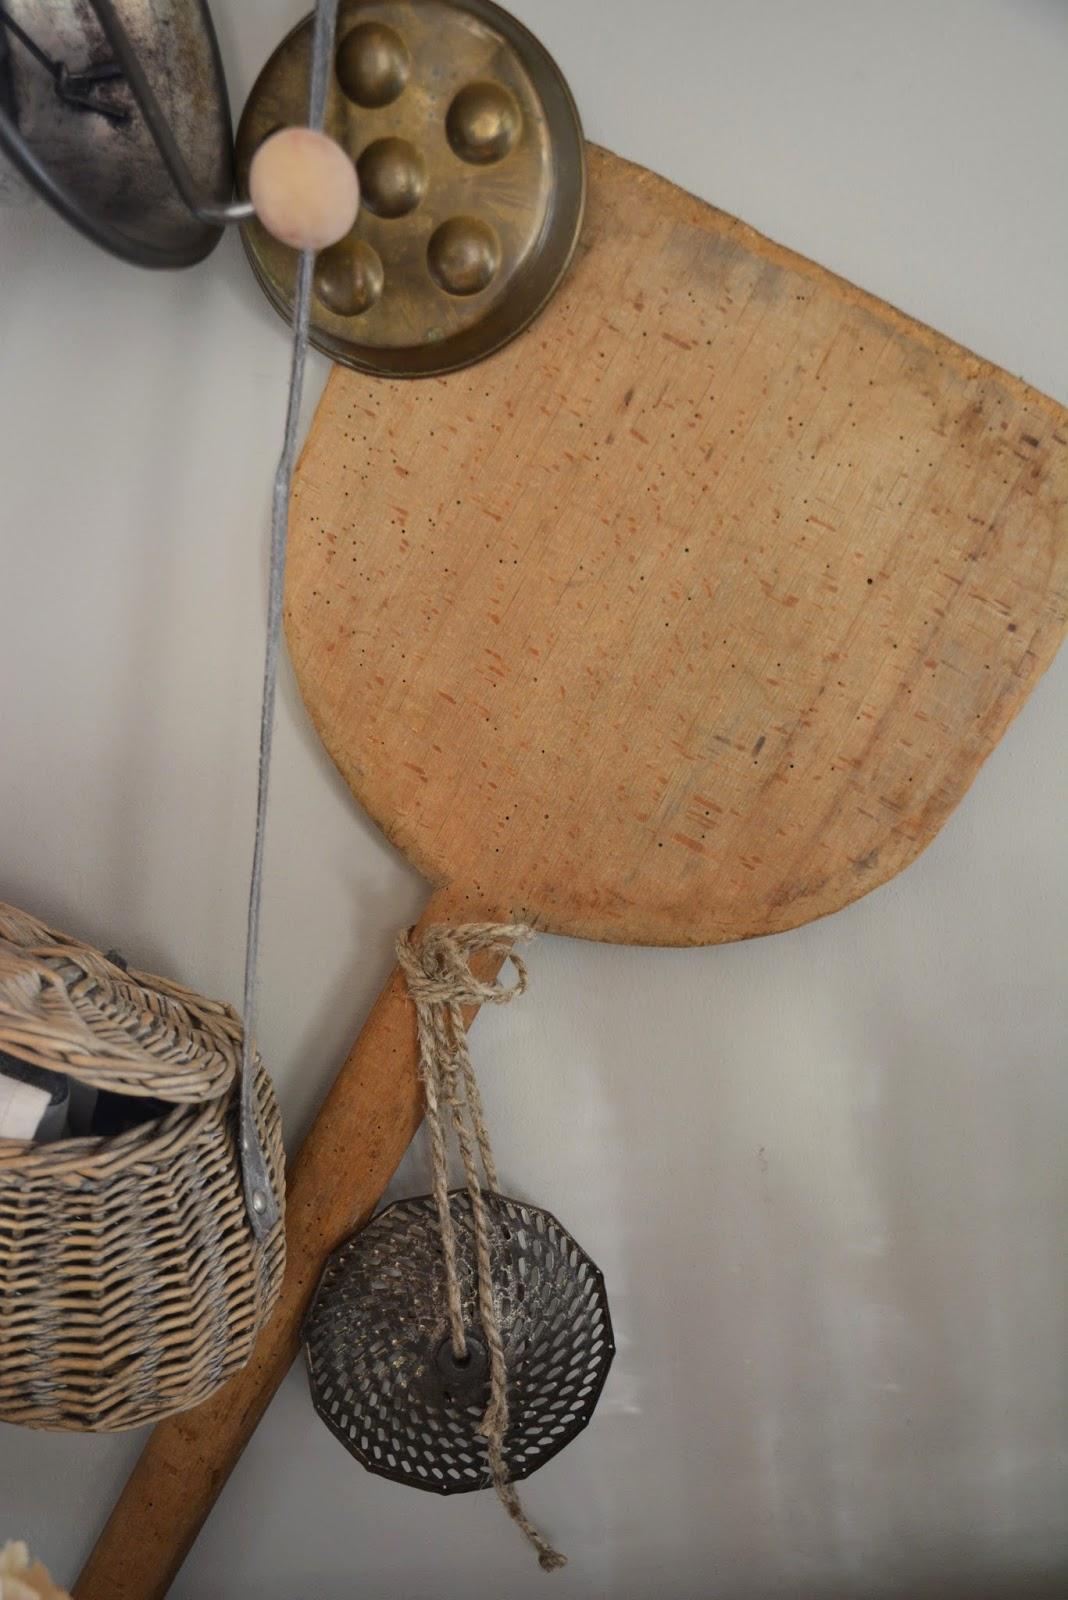 Ús hûs ús thús: Keuken hoekje